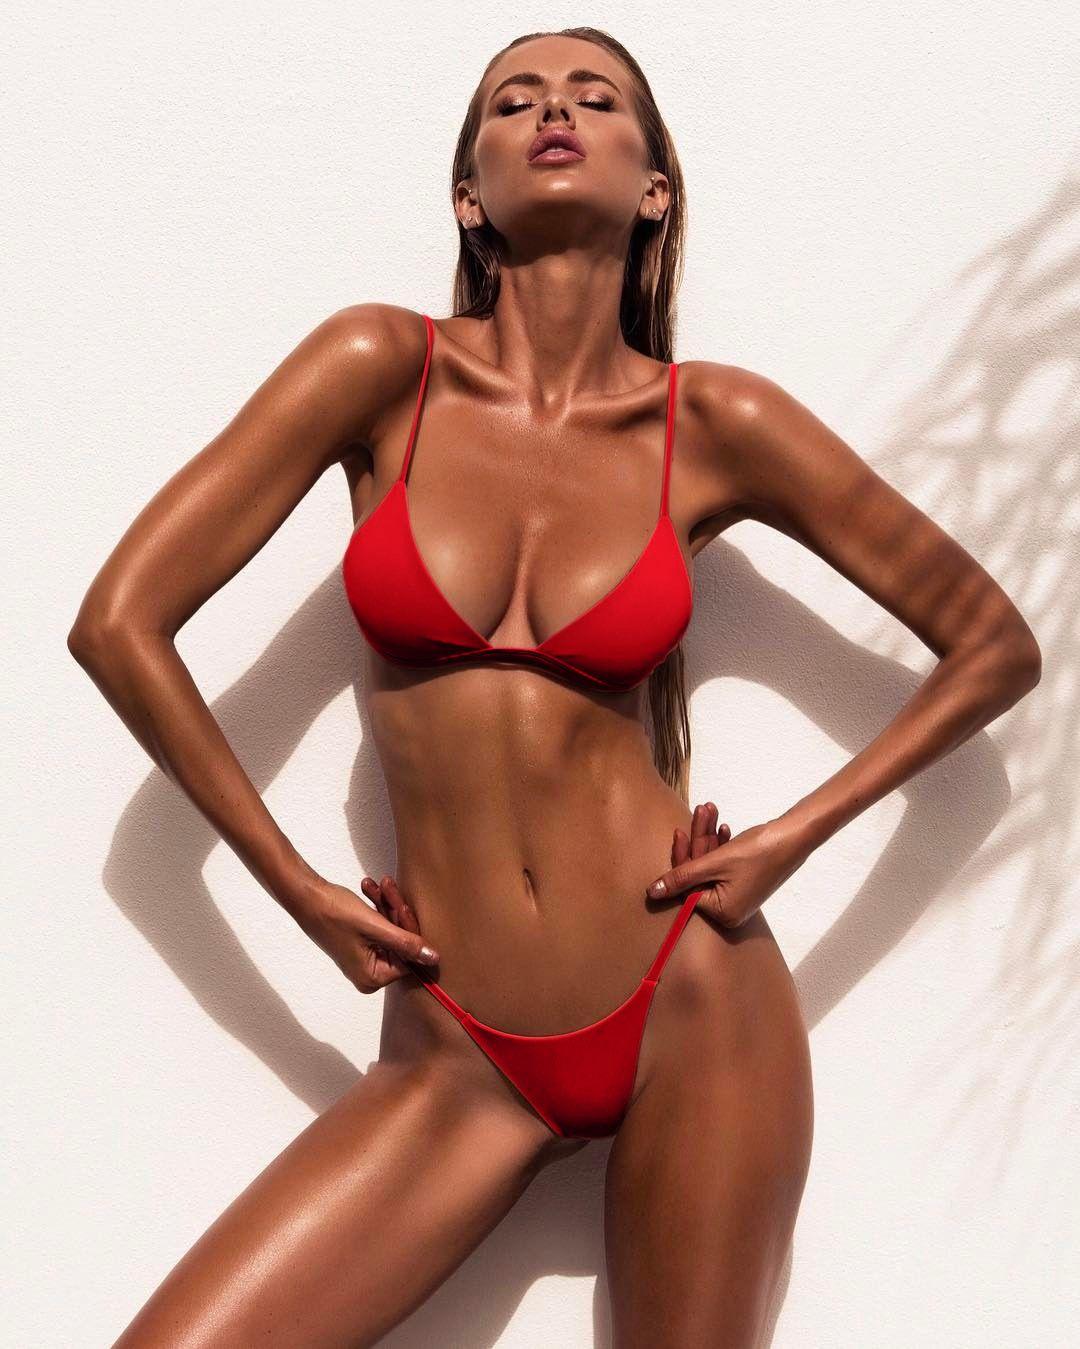 Danica partick nude photos